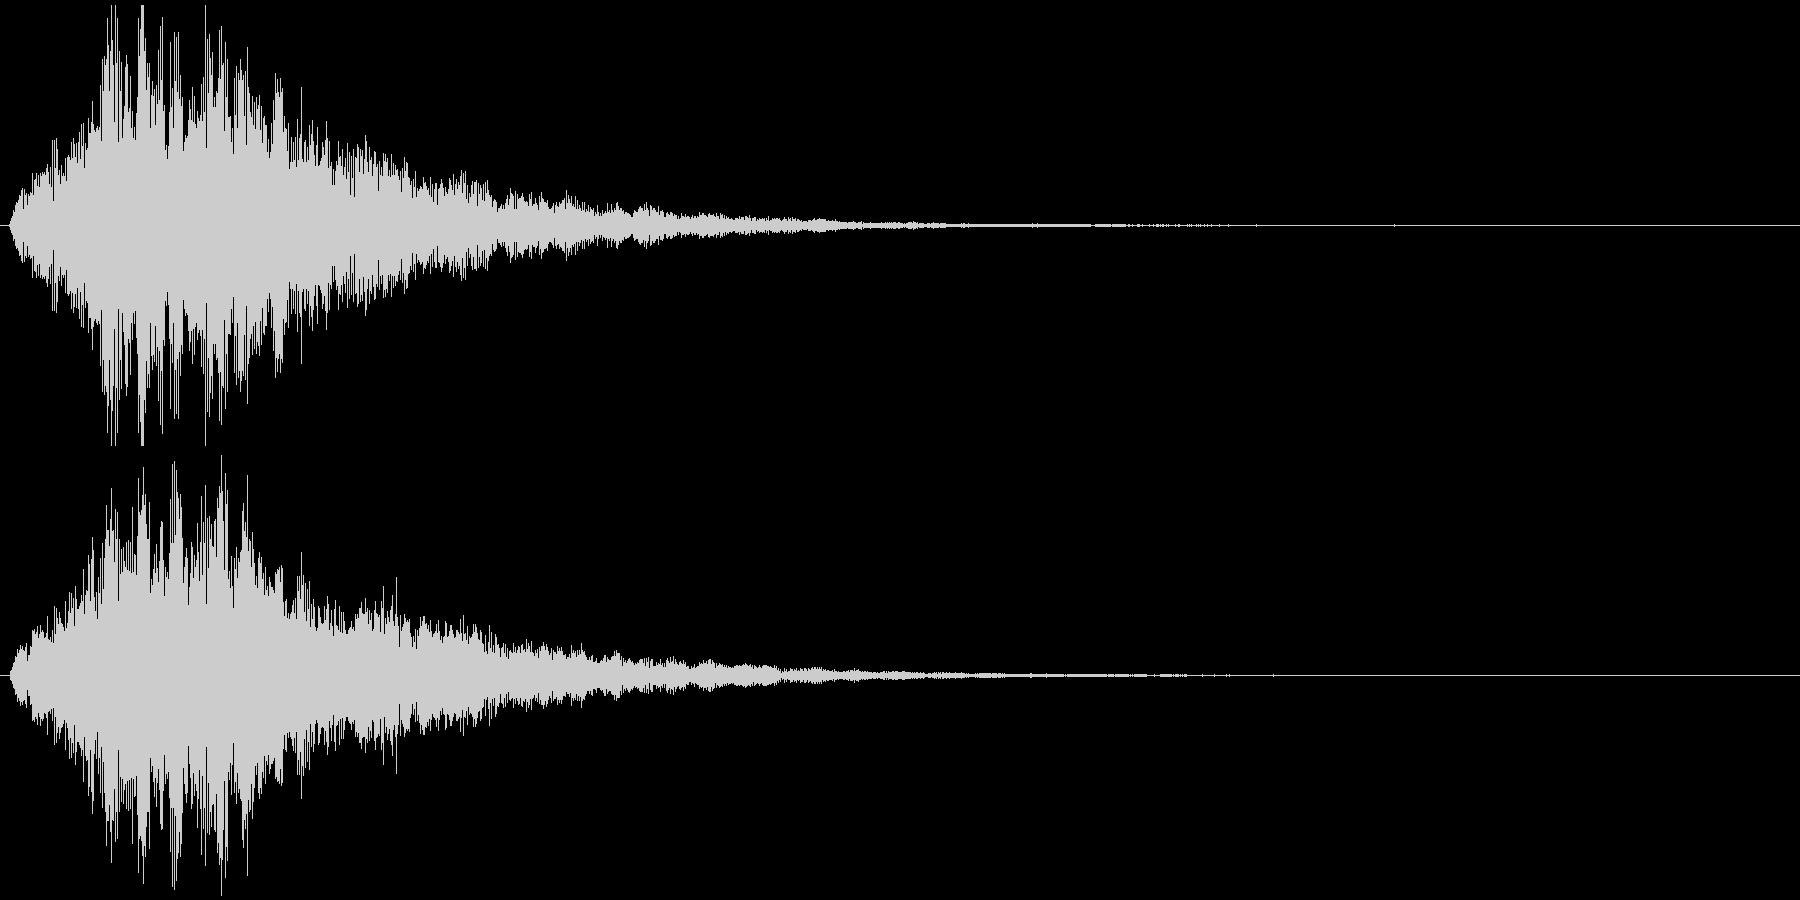 フワワワワーン 状態変化 魔法などの未再生の波形